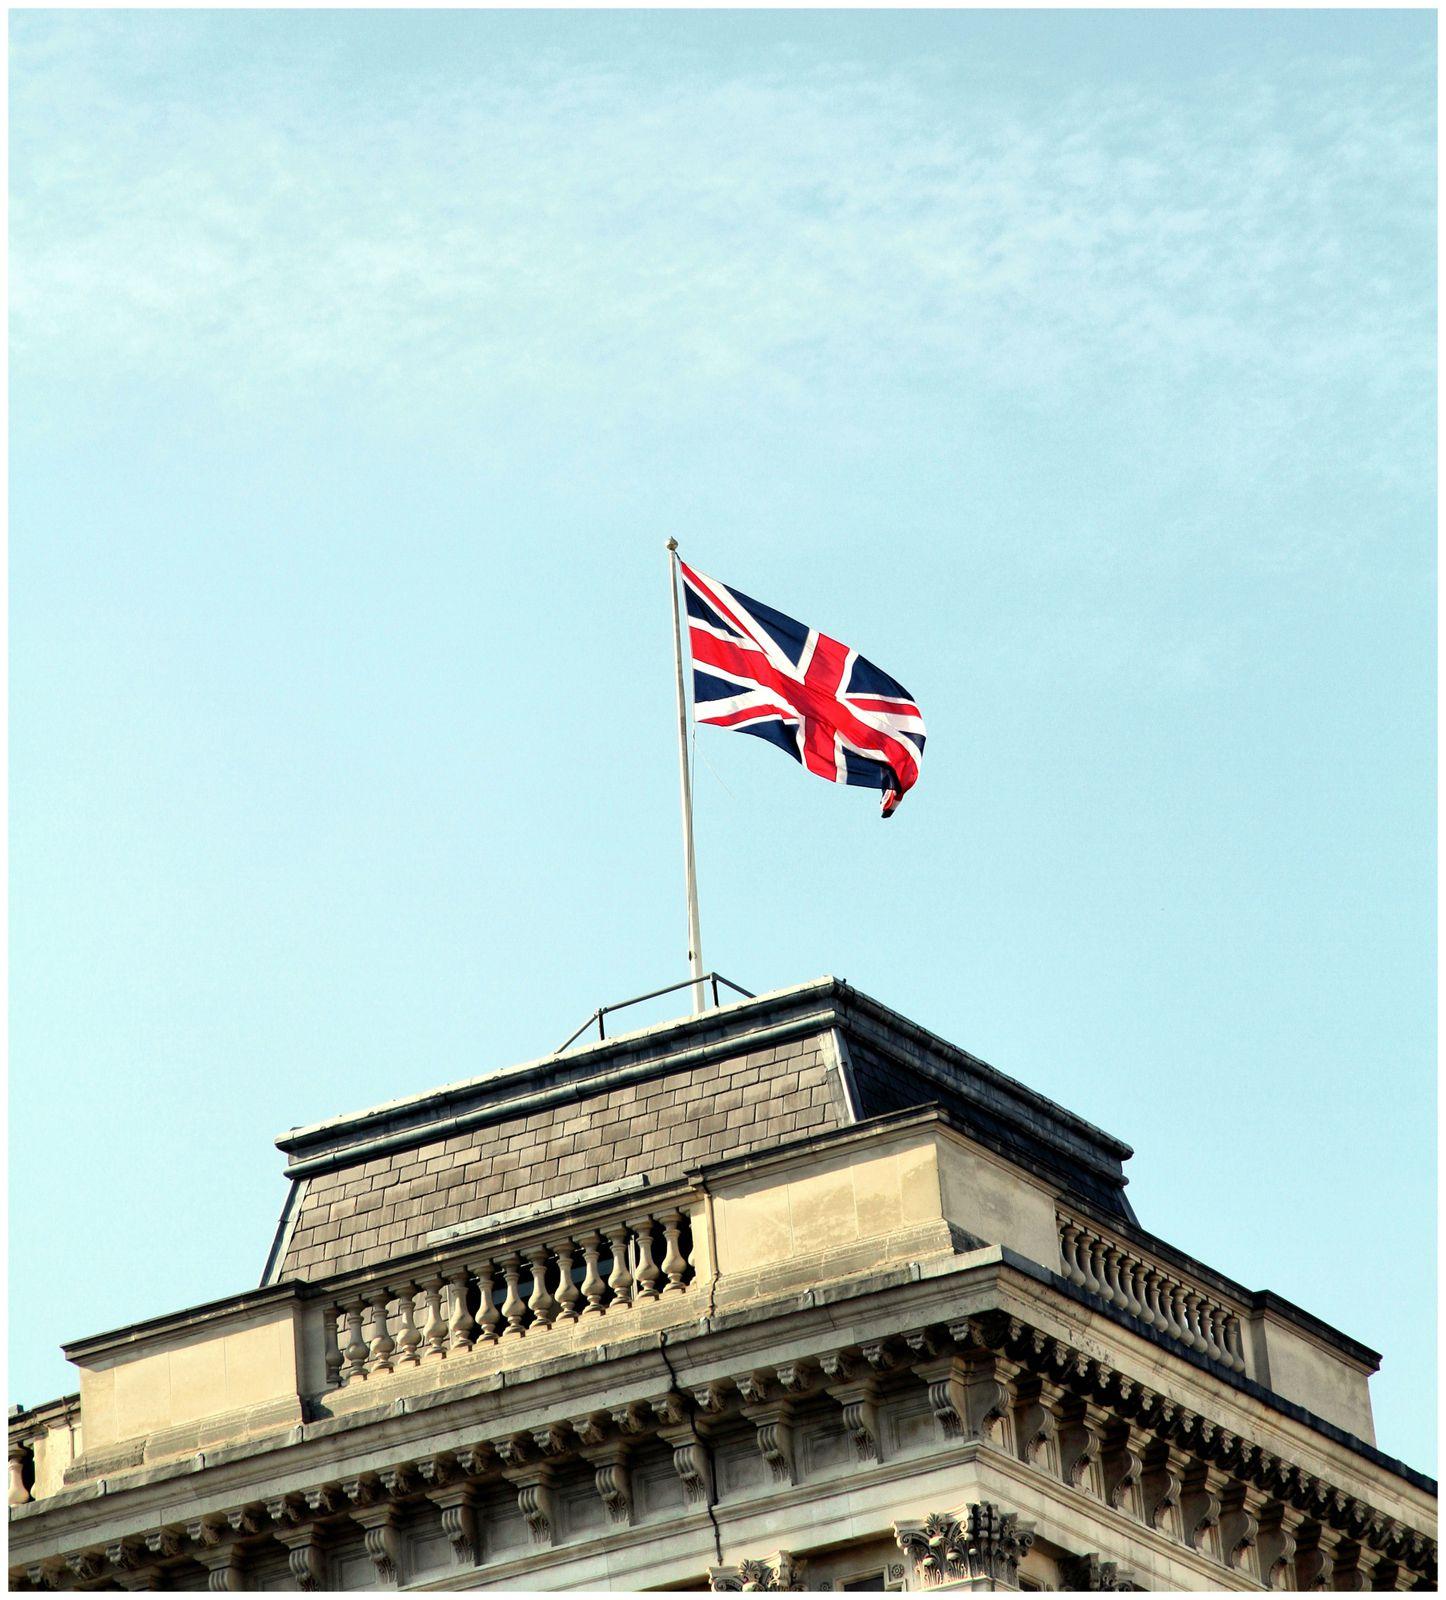 Tandis que régne, imposante, Westminster Abbey, Big Ben,accrochée au Parlement la rappelle à l'ordre en egrènant son Westminster Quarters en mi majeur ! Les Bobbies veillent au grain, conversant à l'anglaise,tandis que The Beatles surgissent de nulle part par le biais d'un étrange yellow Submarine roulant! Rassurons nous  Union Jack prend soin de tout ce petit monde!!